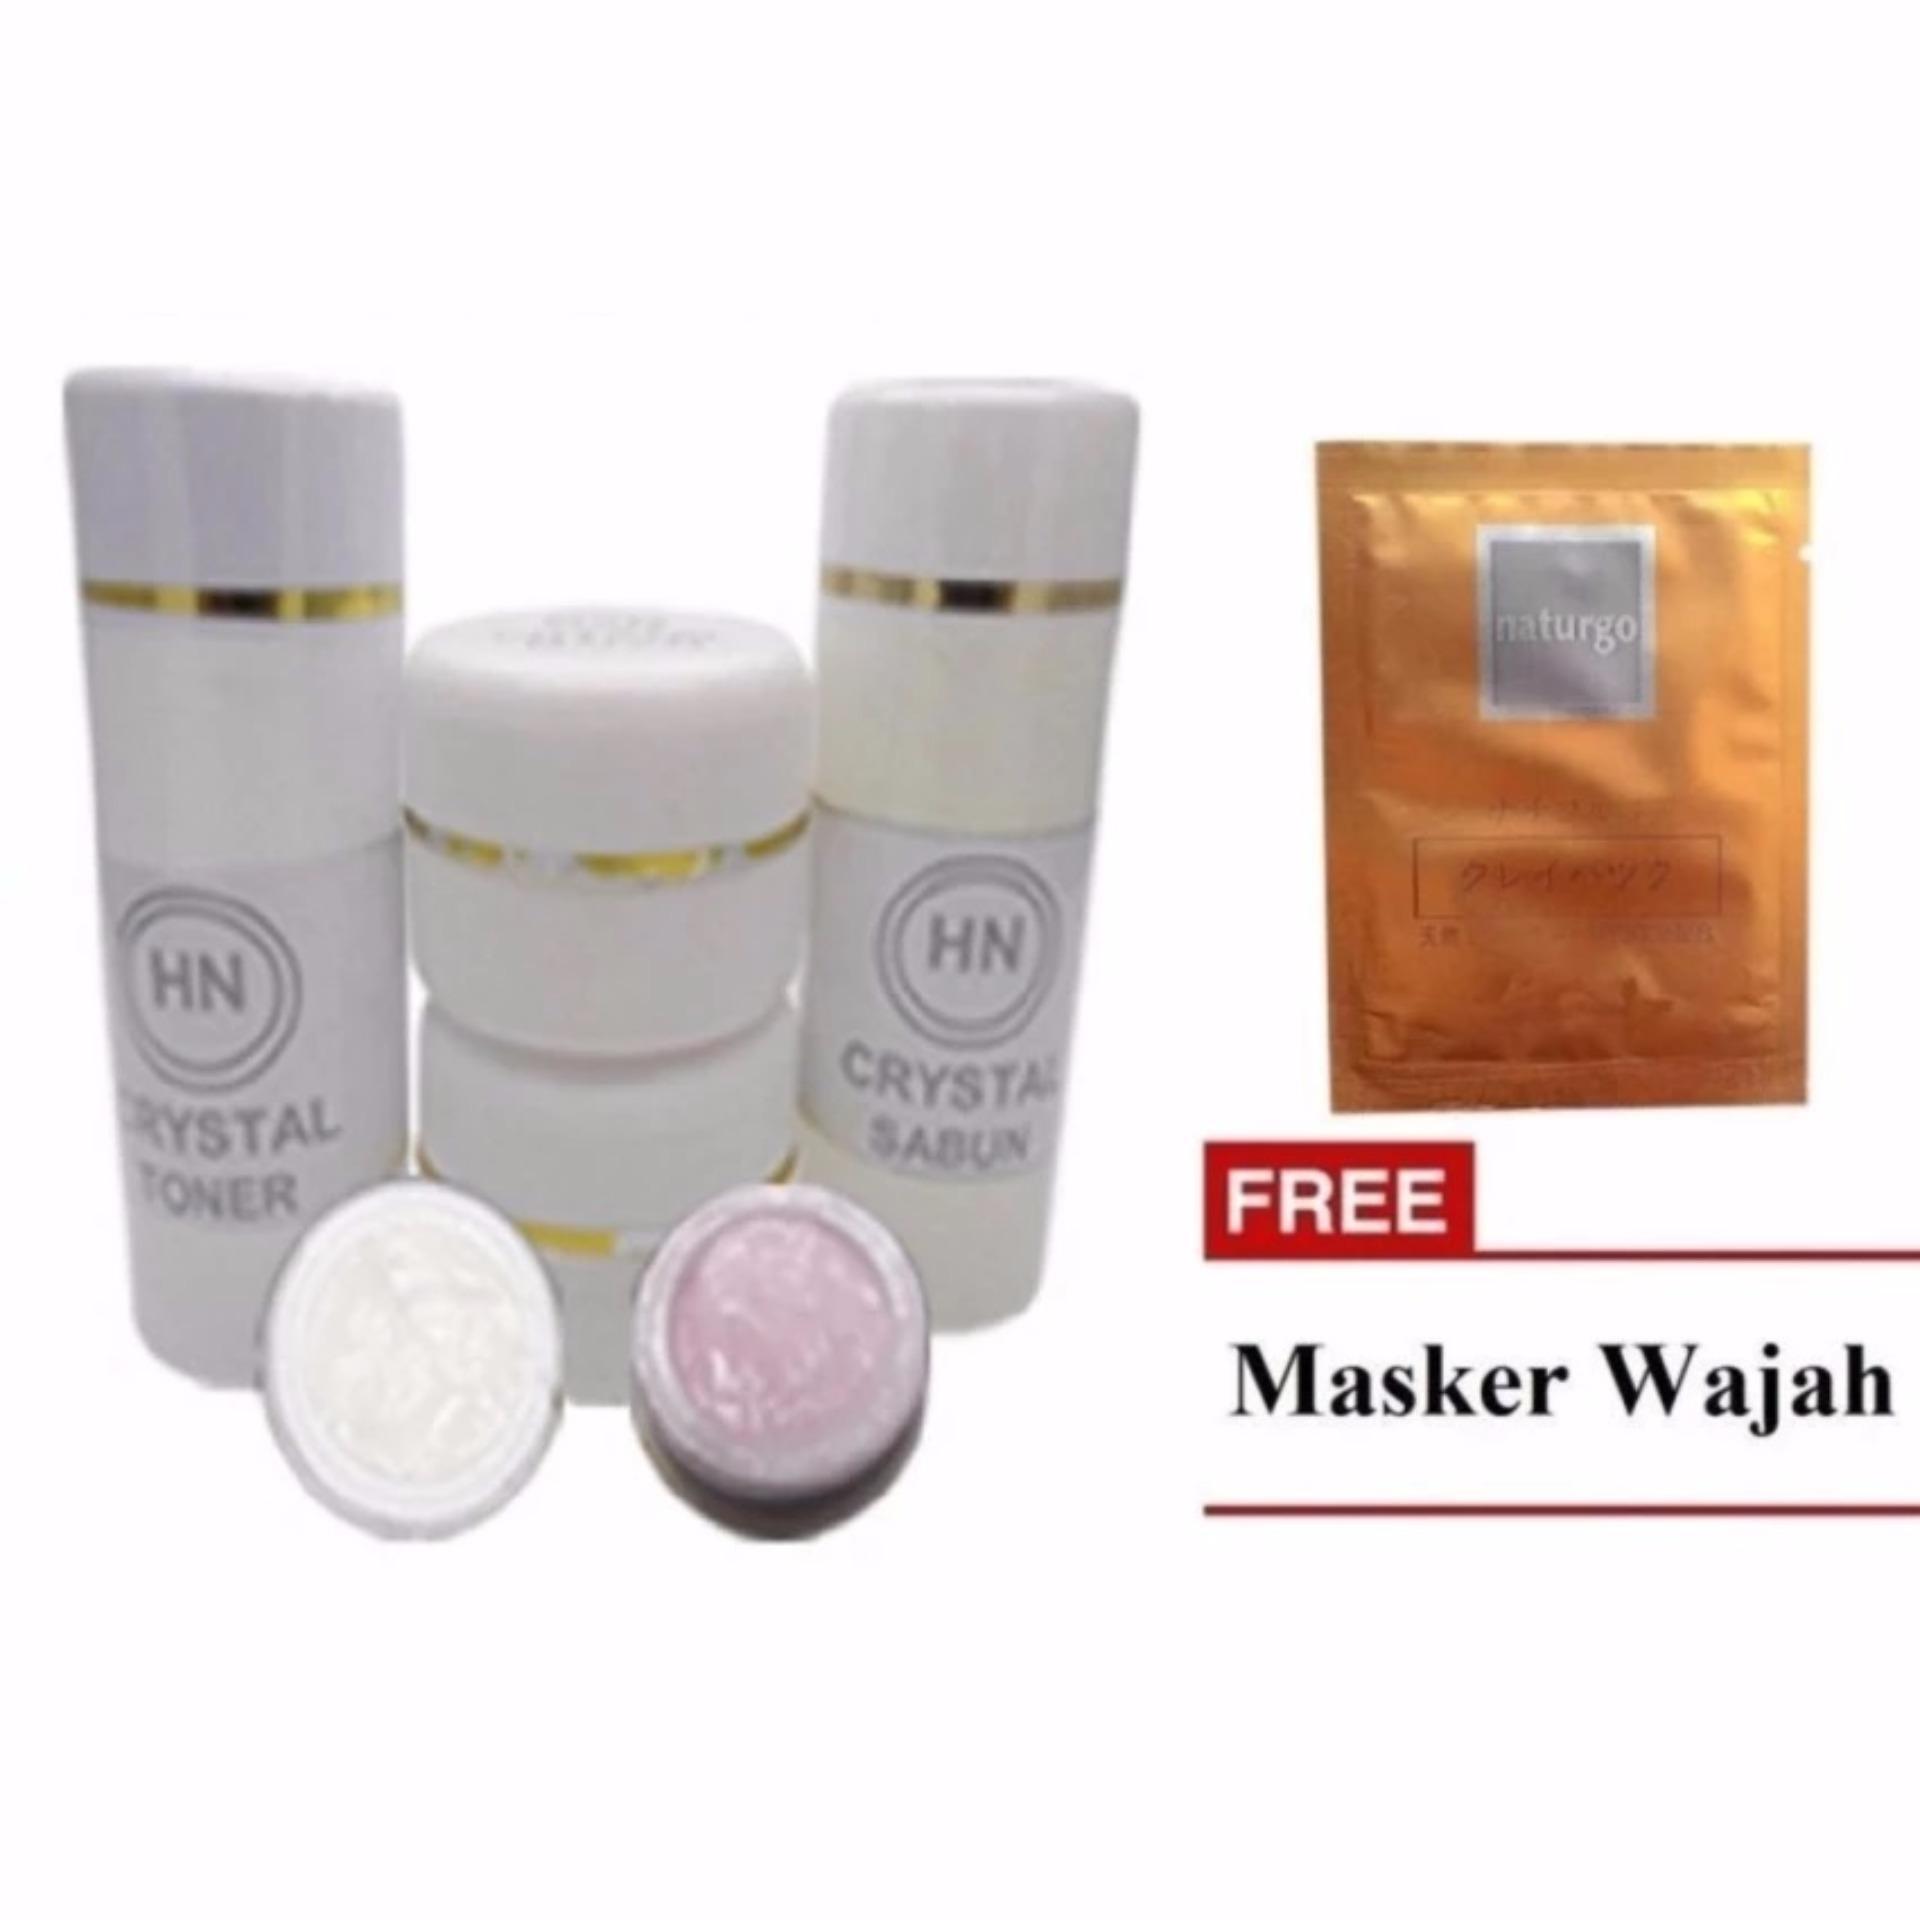 HN Crystal Cream Original 15gr + Masker Wajah Naturgo